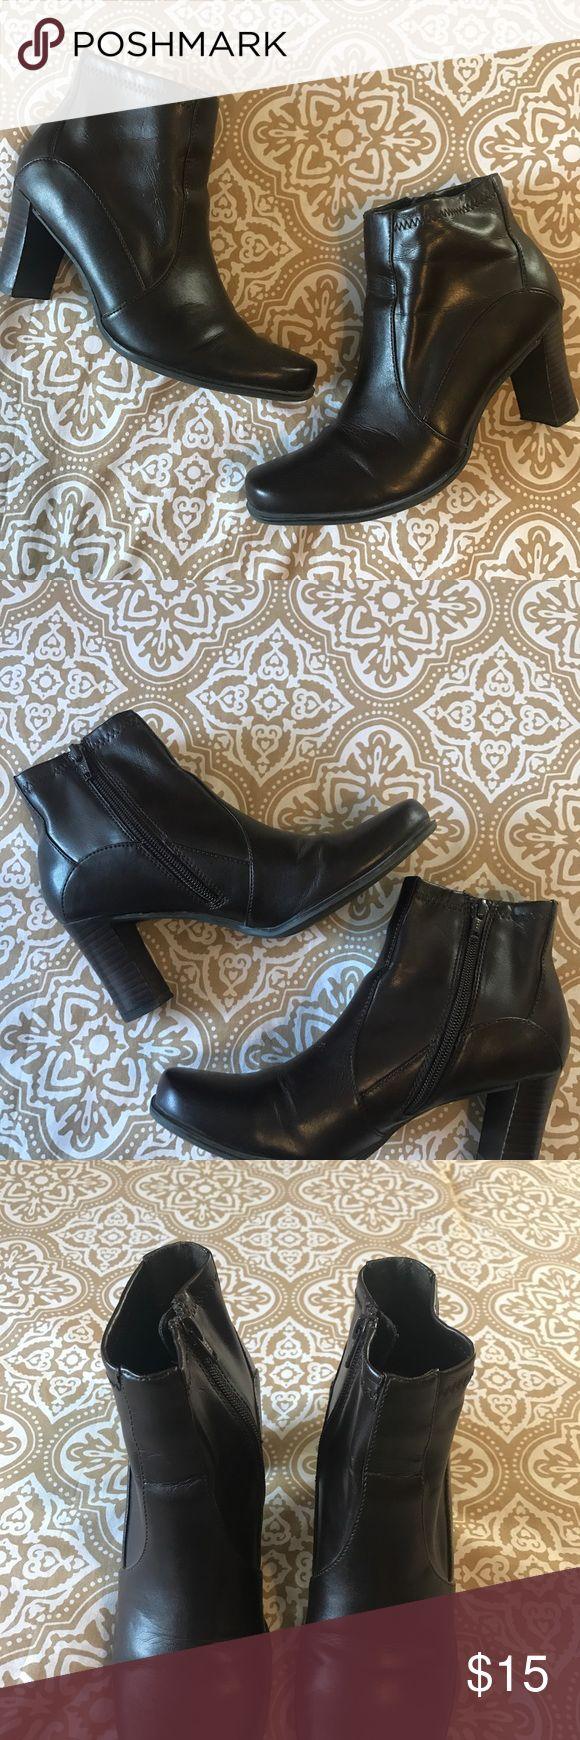 ETIENNE AIGNER-BROWN-ANKLE BOOTIES-7- ZIP ETIENNE AIGNER-BROWN-ANKLE BOOTIES-7- ZIP CLOSURE- 2 3/4 - 3in HEEL- Perfect condition! Etienne Aigner Shoes Ankle Boots & Booties